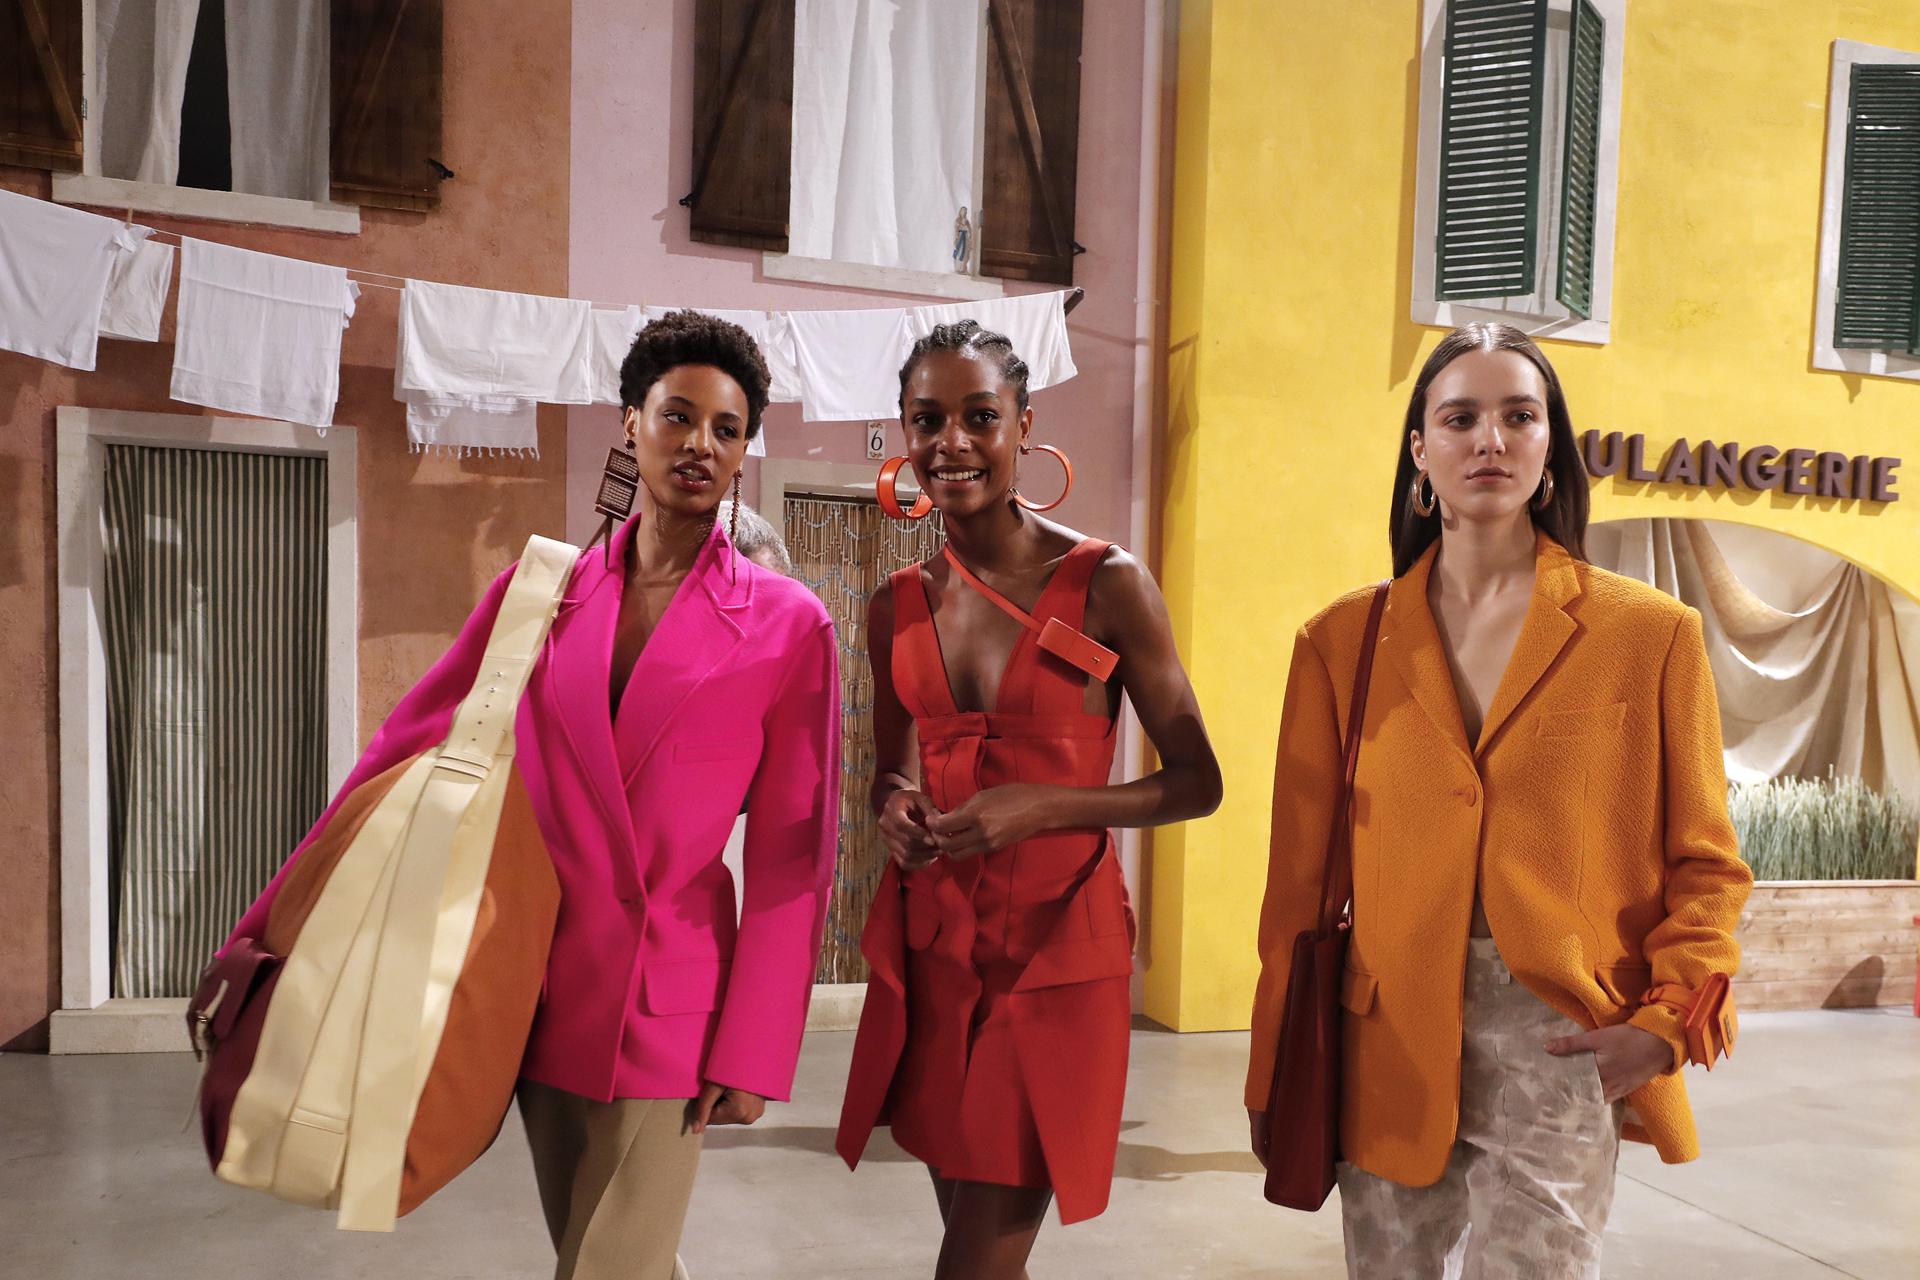 Maxi bolsos, carteras, sobres y aros, zapatos una colección completa y colorida dio comienzo a la última semana de la moda en la cuna de la moda